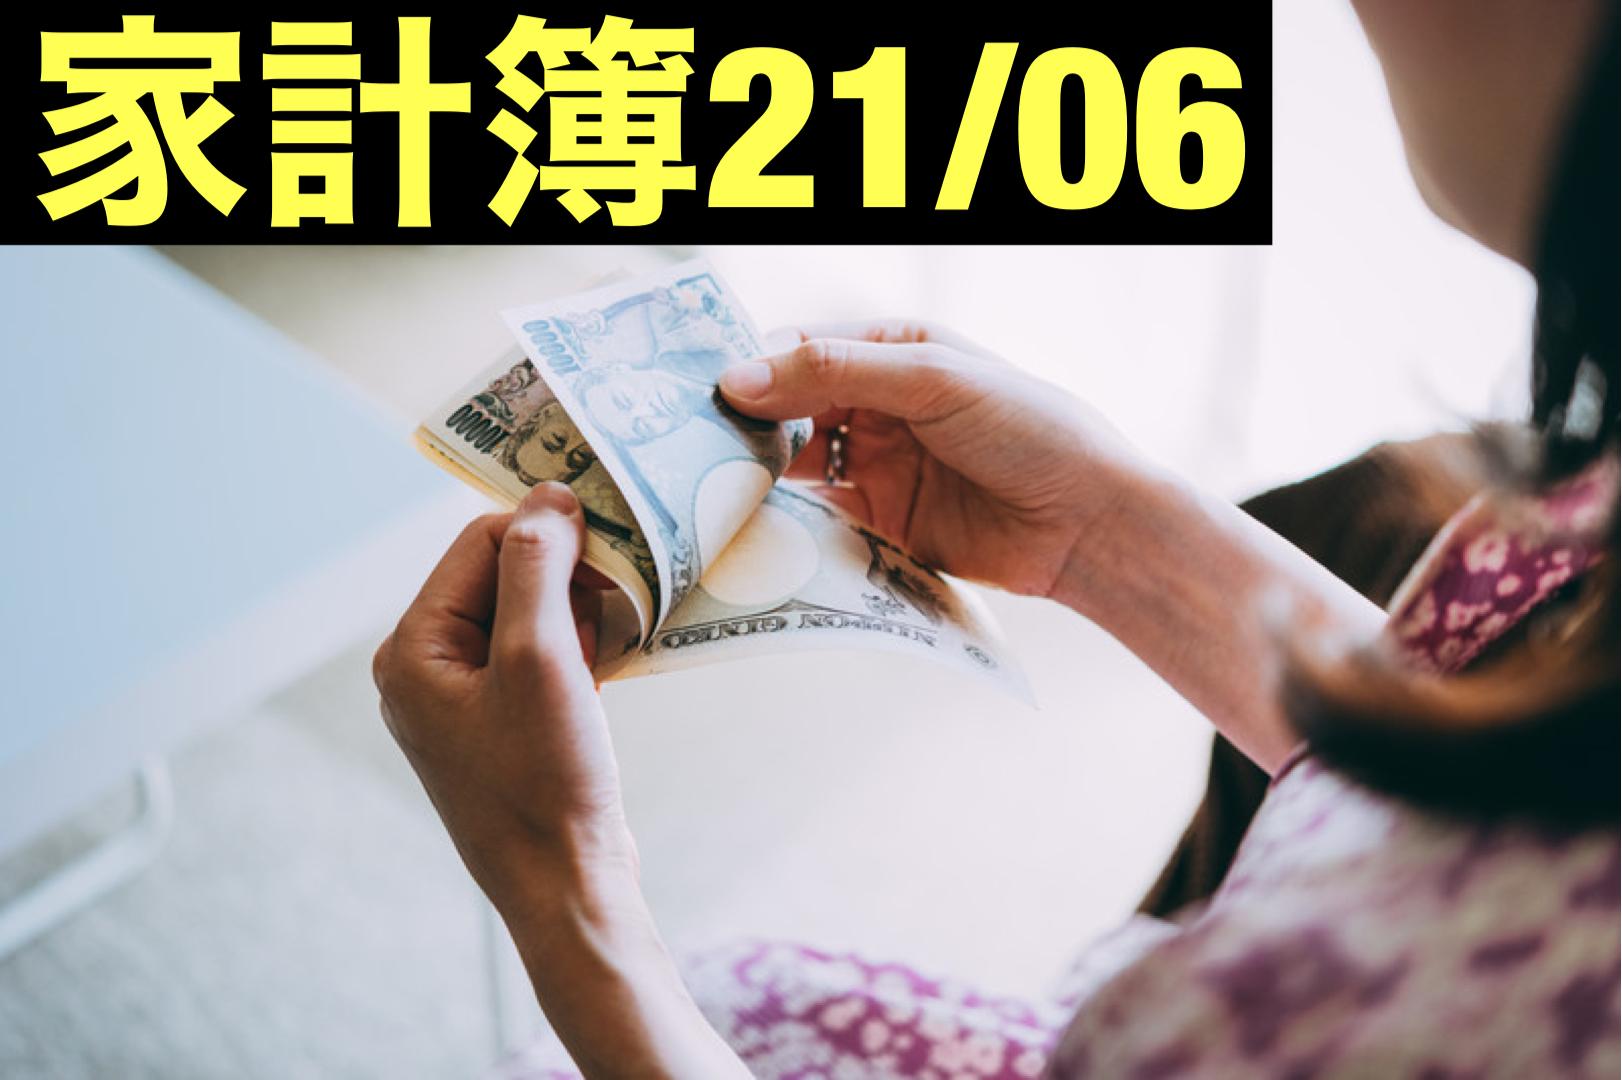 【30代】家計簿公開・21年06月【1人暮らし】